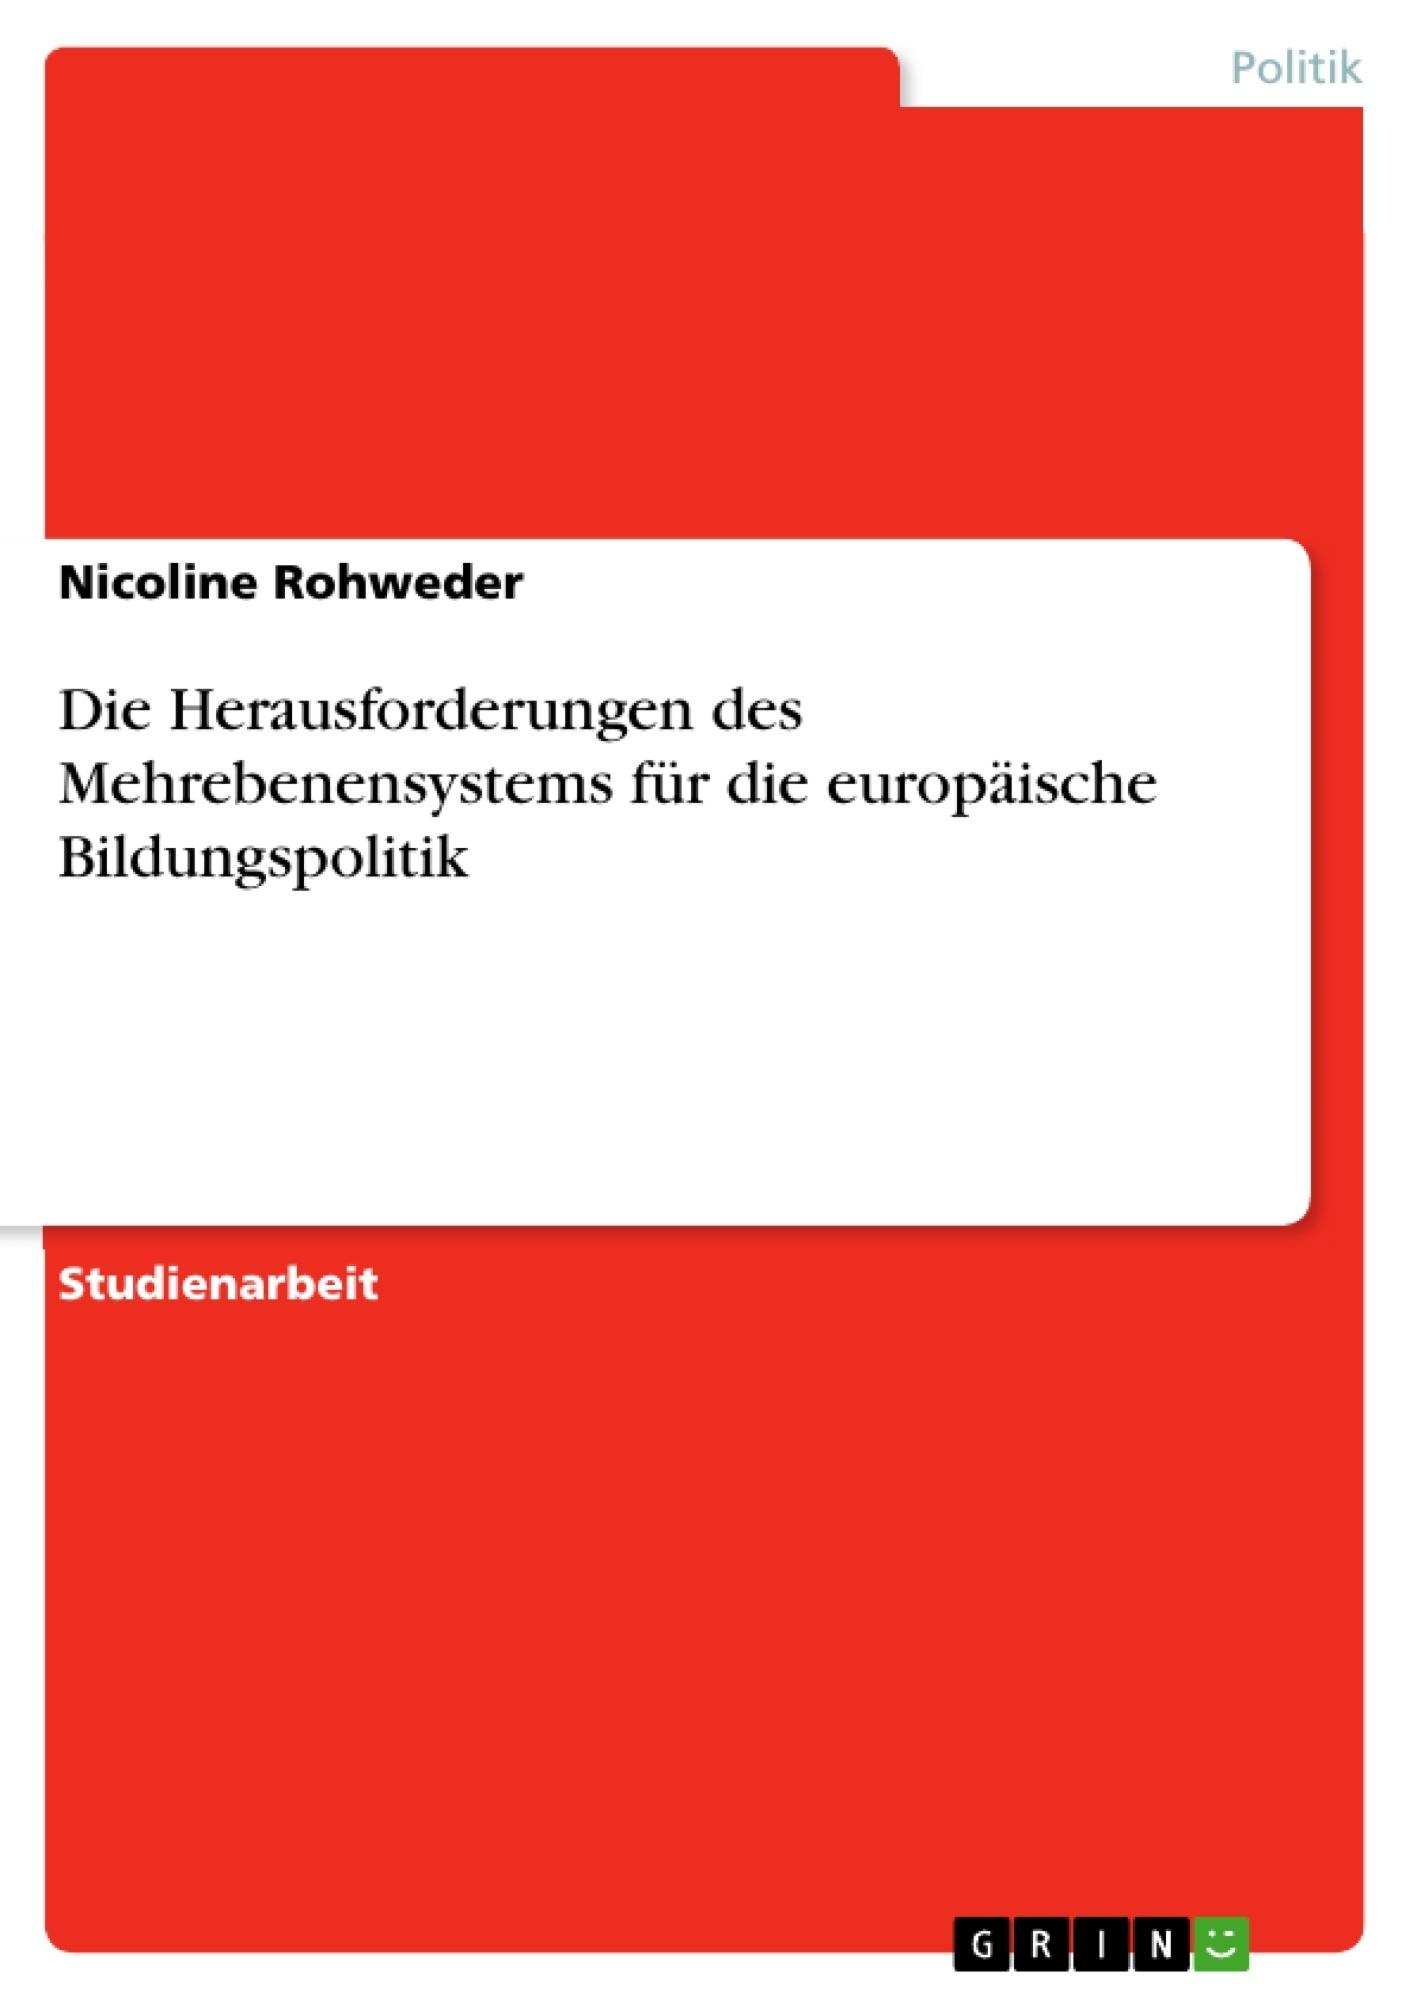 Titel: Die Herausforderungen des Mehrebenensystems für die europäische Bildungspolitik